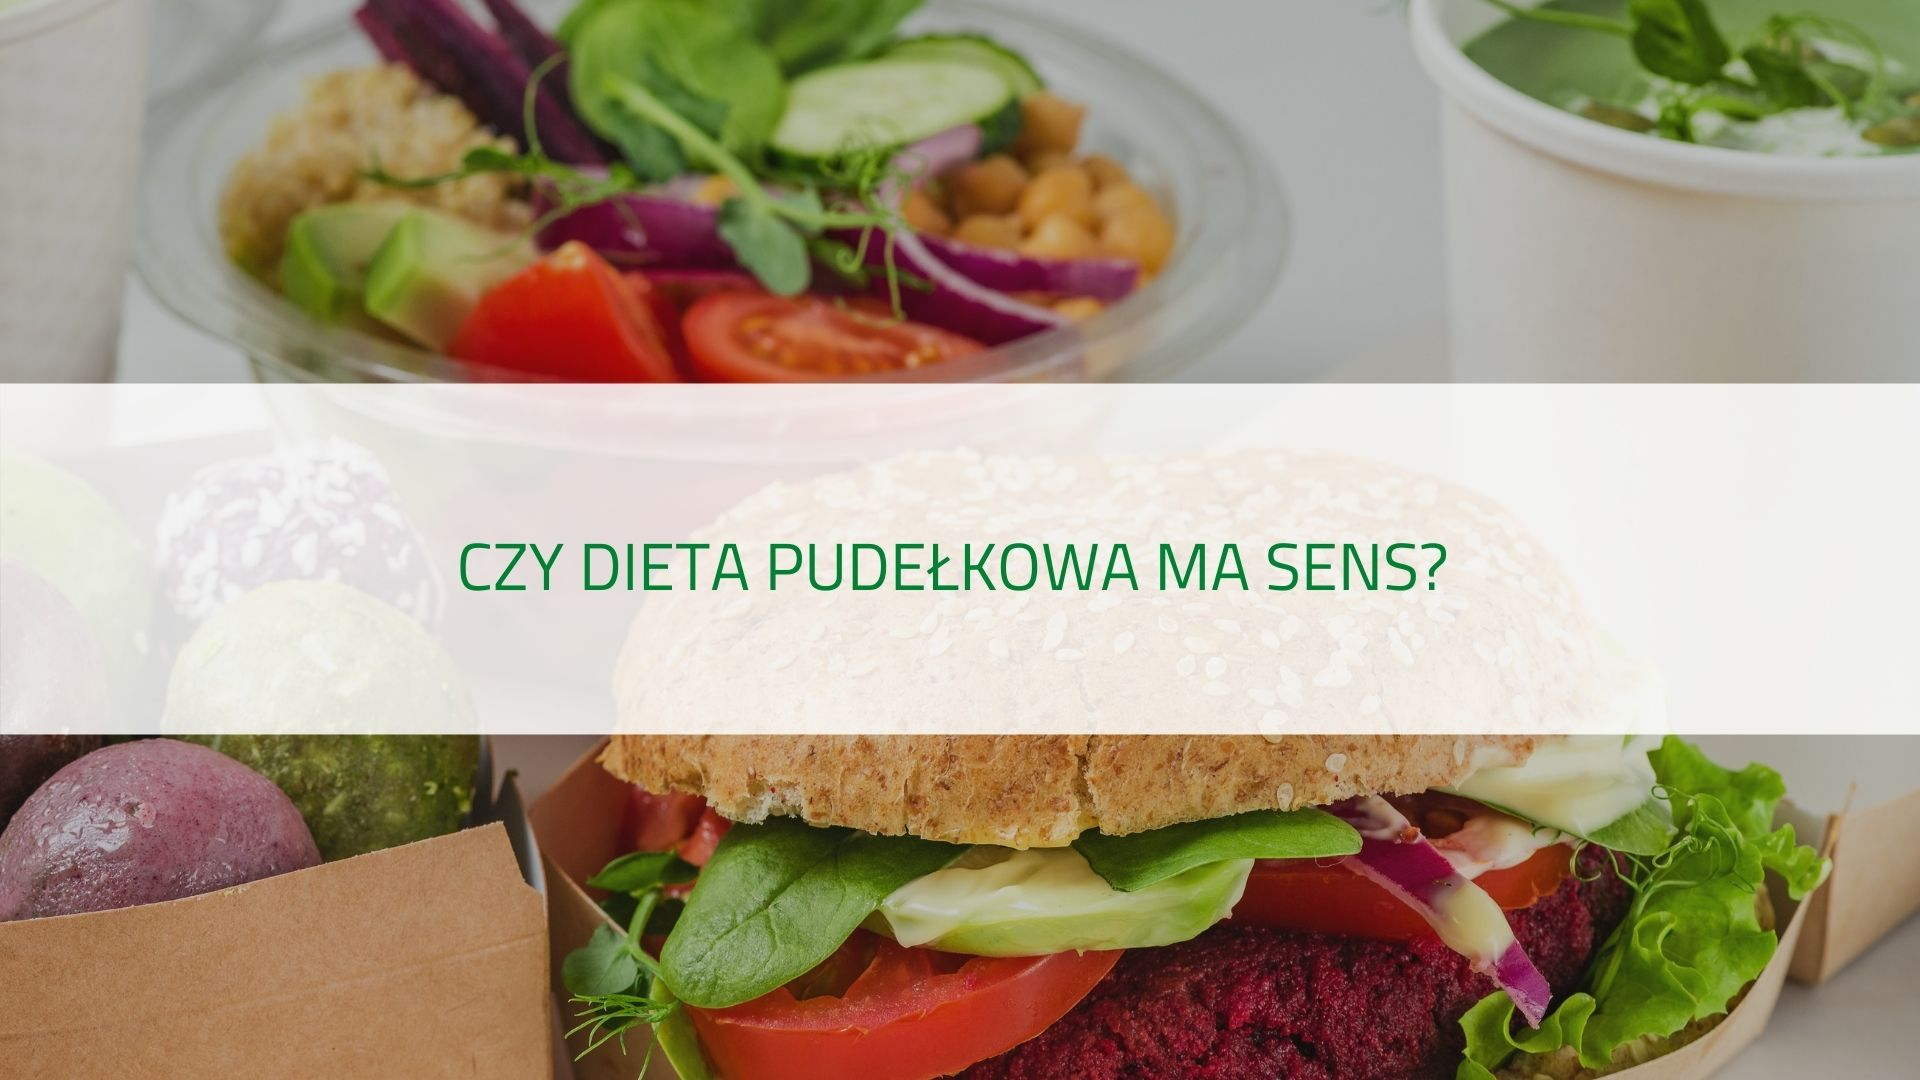 PODCAST czy dieta pudełkowa ma sens